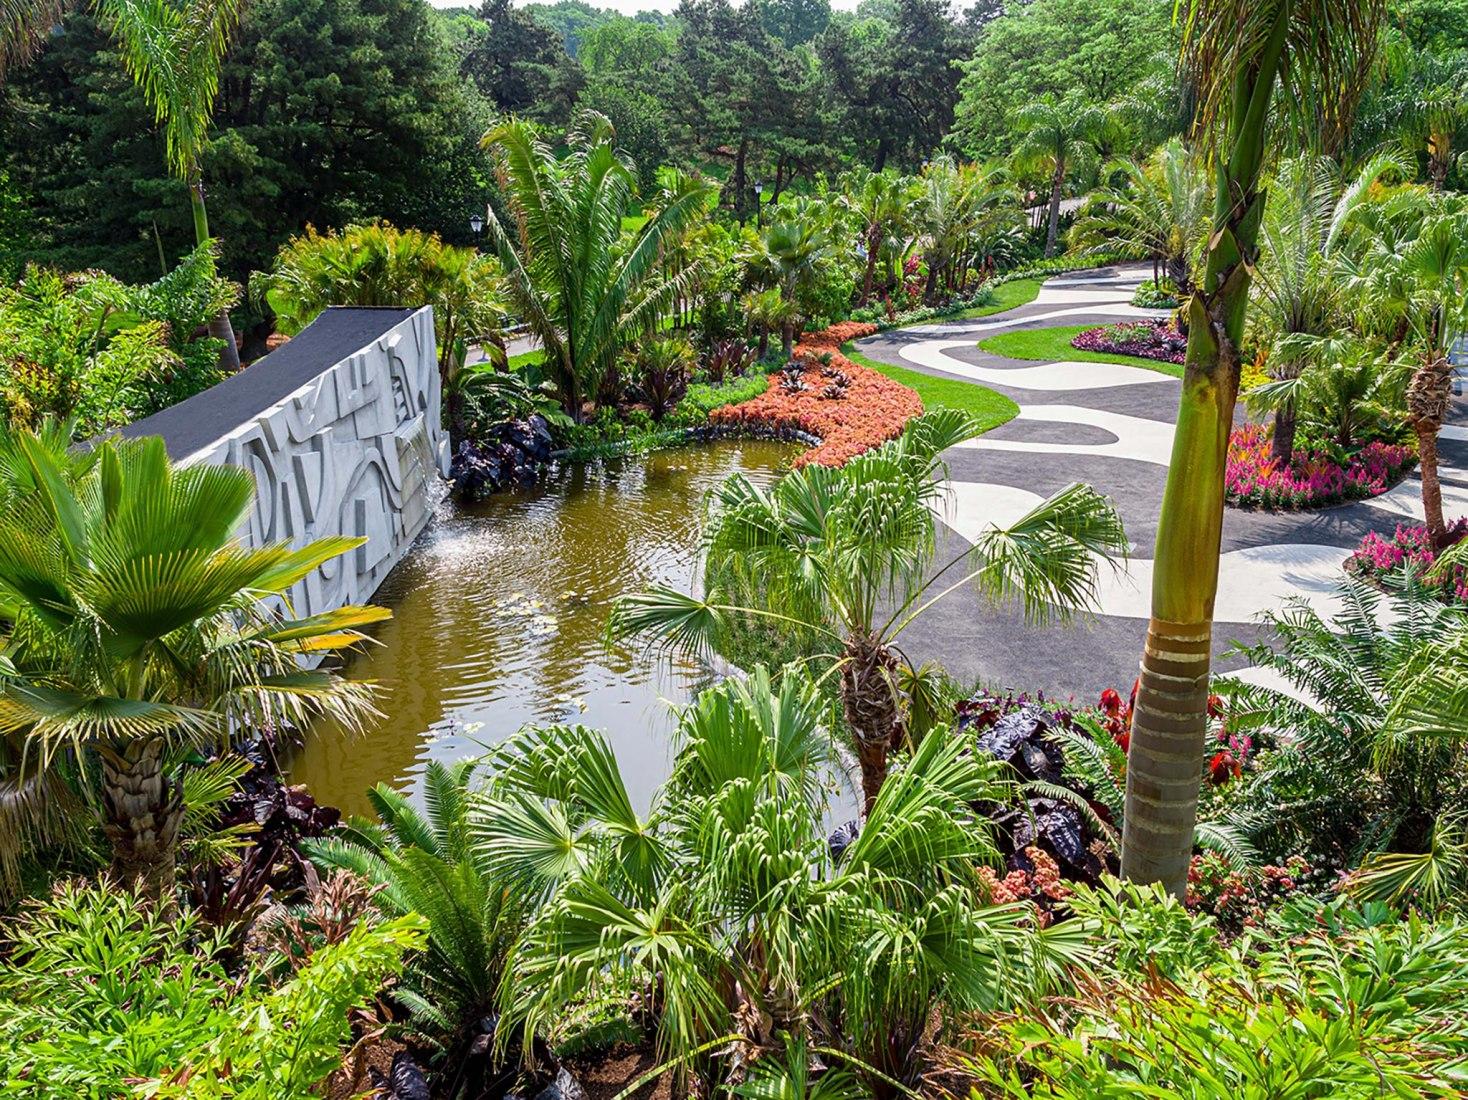 Una vista aérea del Jardín Moderno en el Jardín Botánico de Nueva York, un homenaje a Roberto Burle Marx. Imagen cortesía del Jardín Botánico de Nueva York